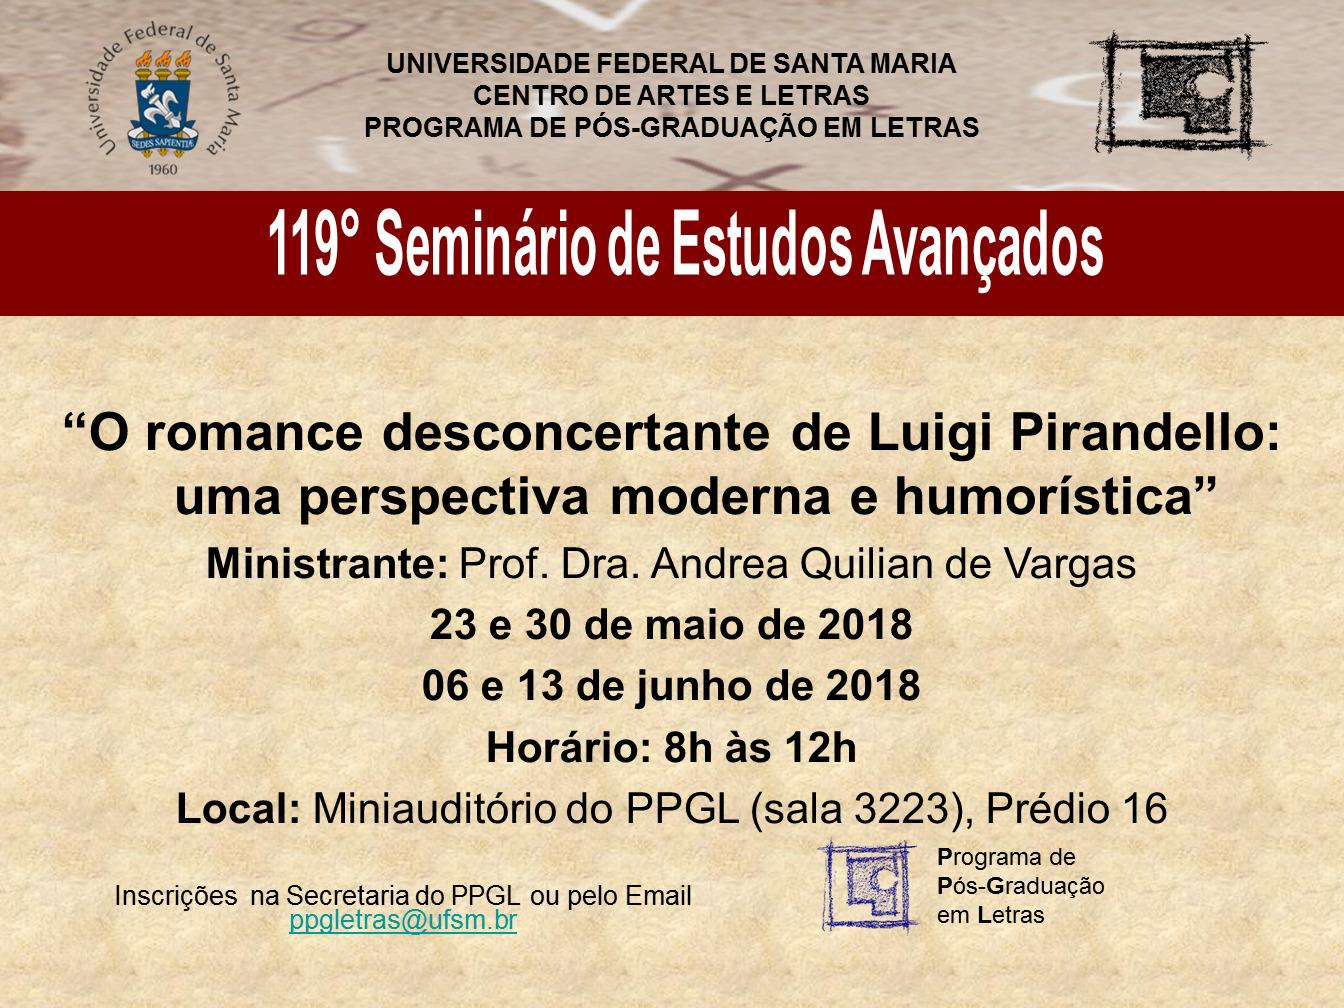 119 seminário de estudos avançados